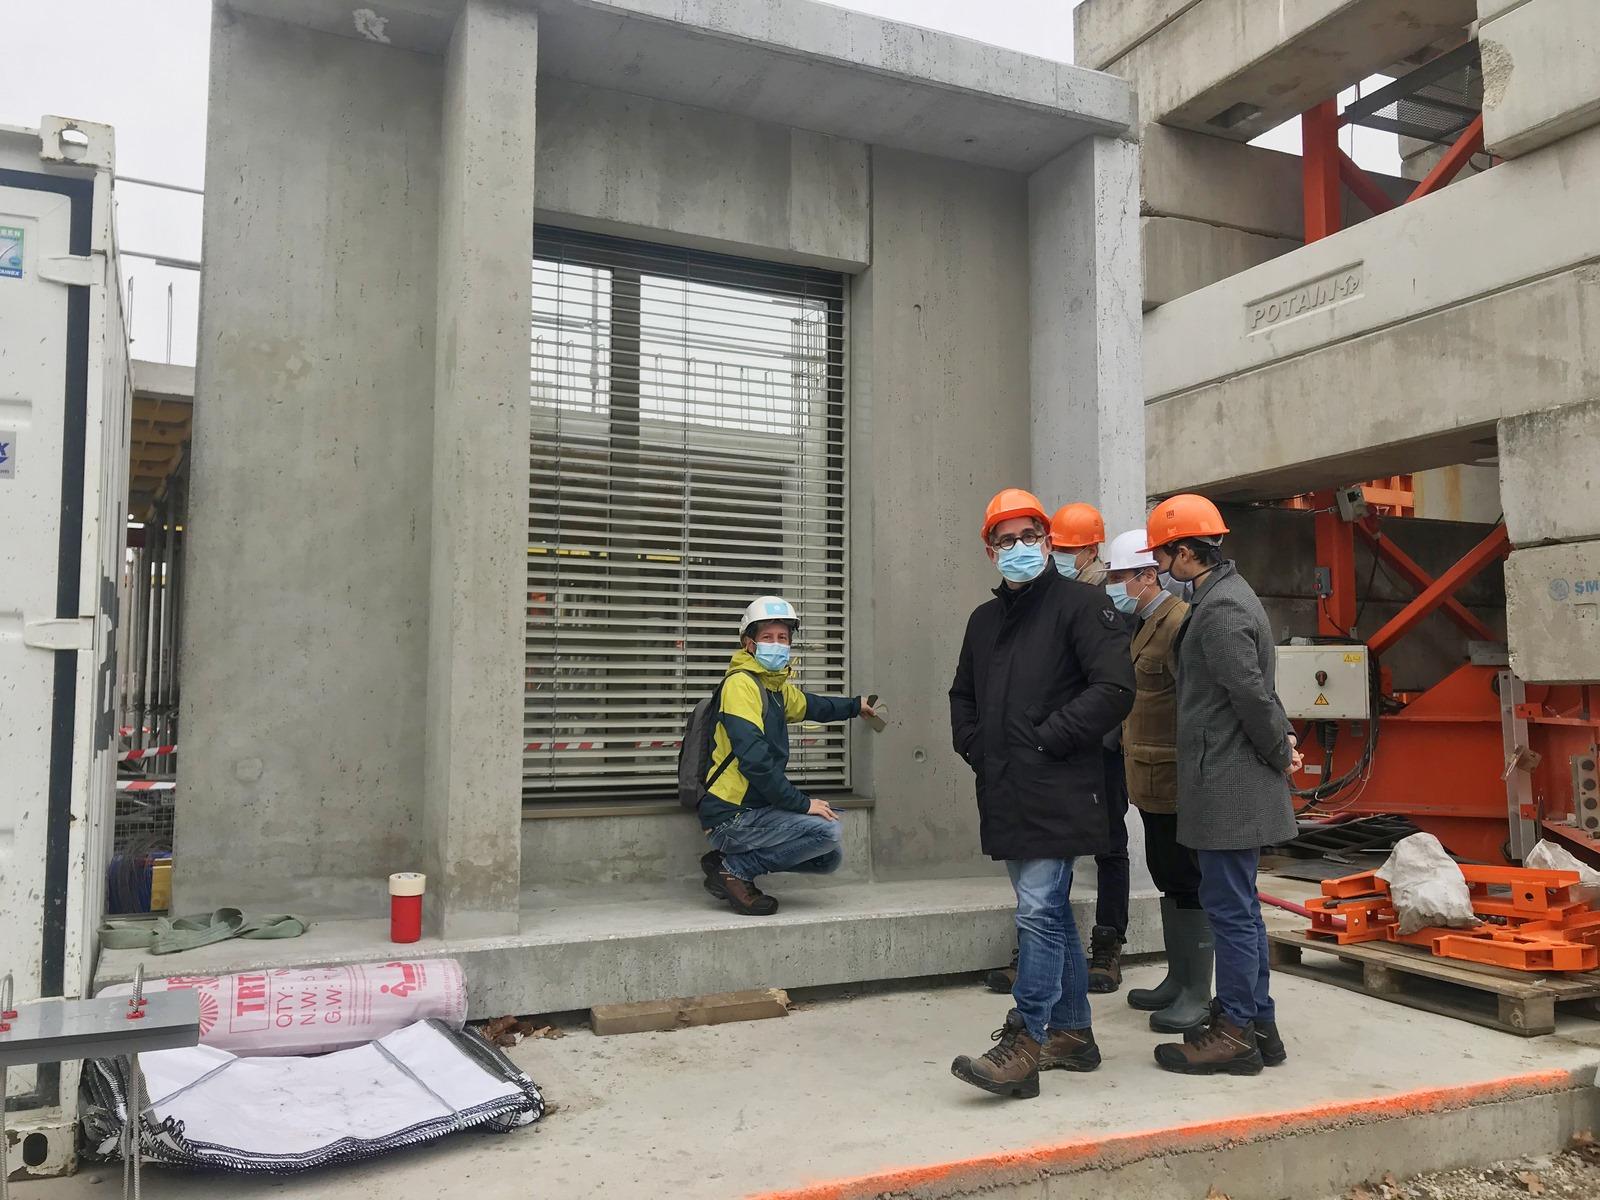 Siège régional Demathieu Bard - Villeurbanne - Z Architecture - chantier